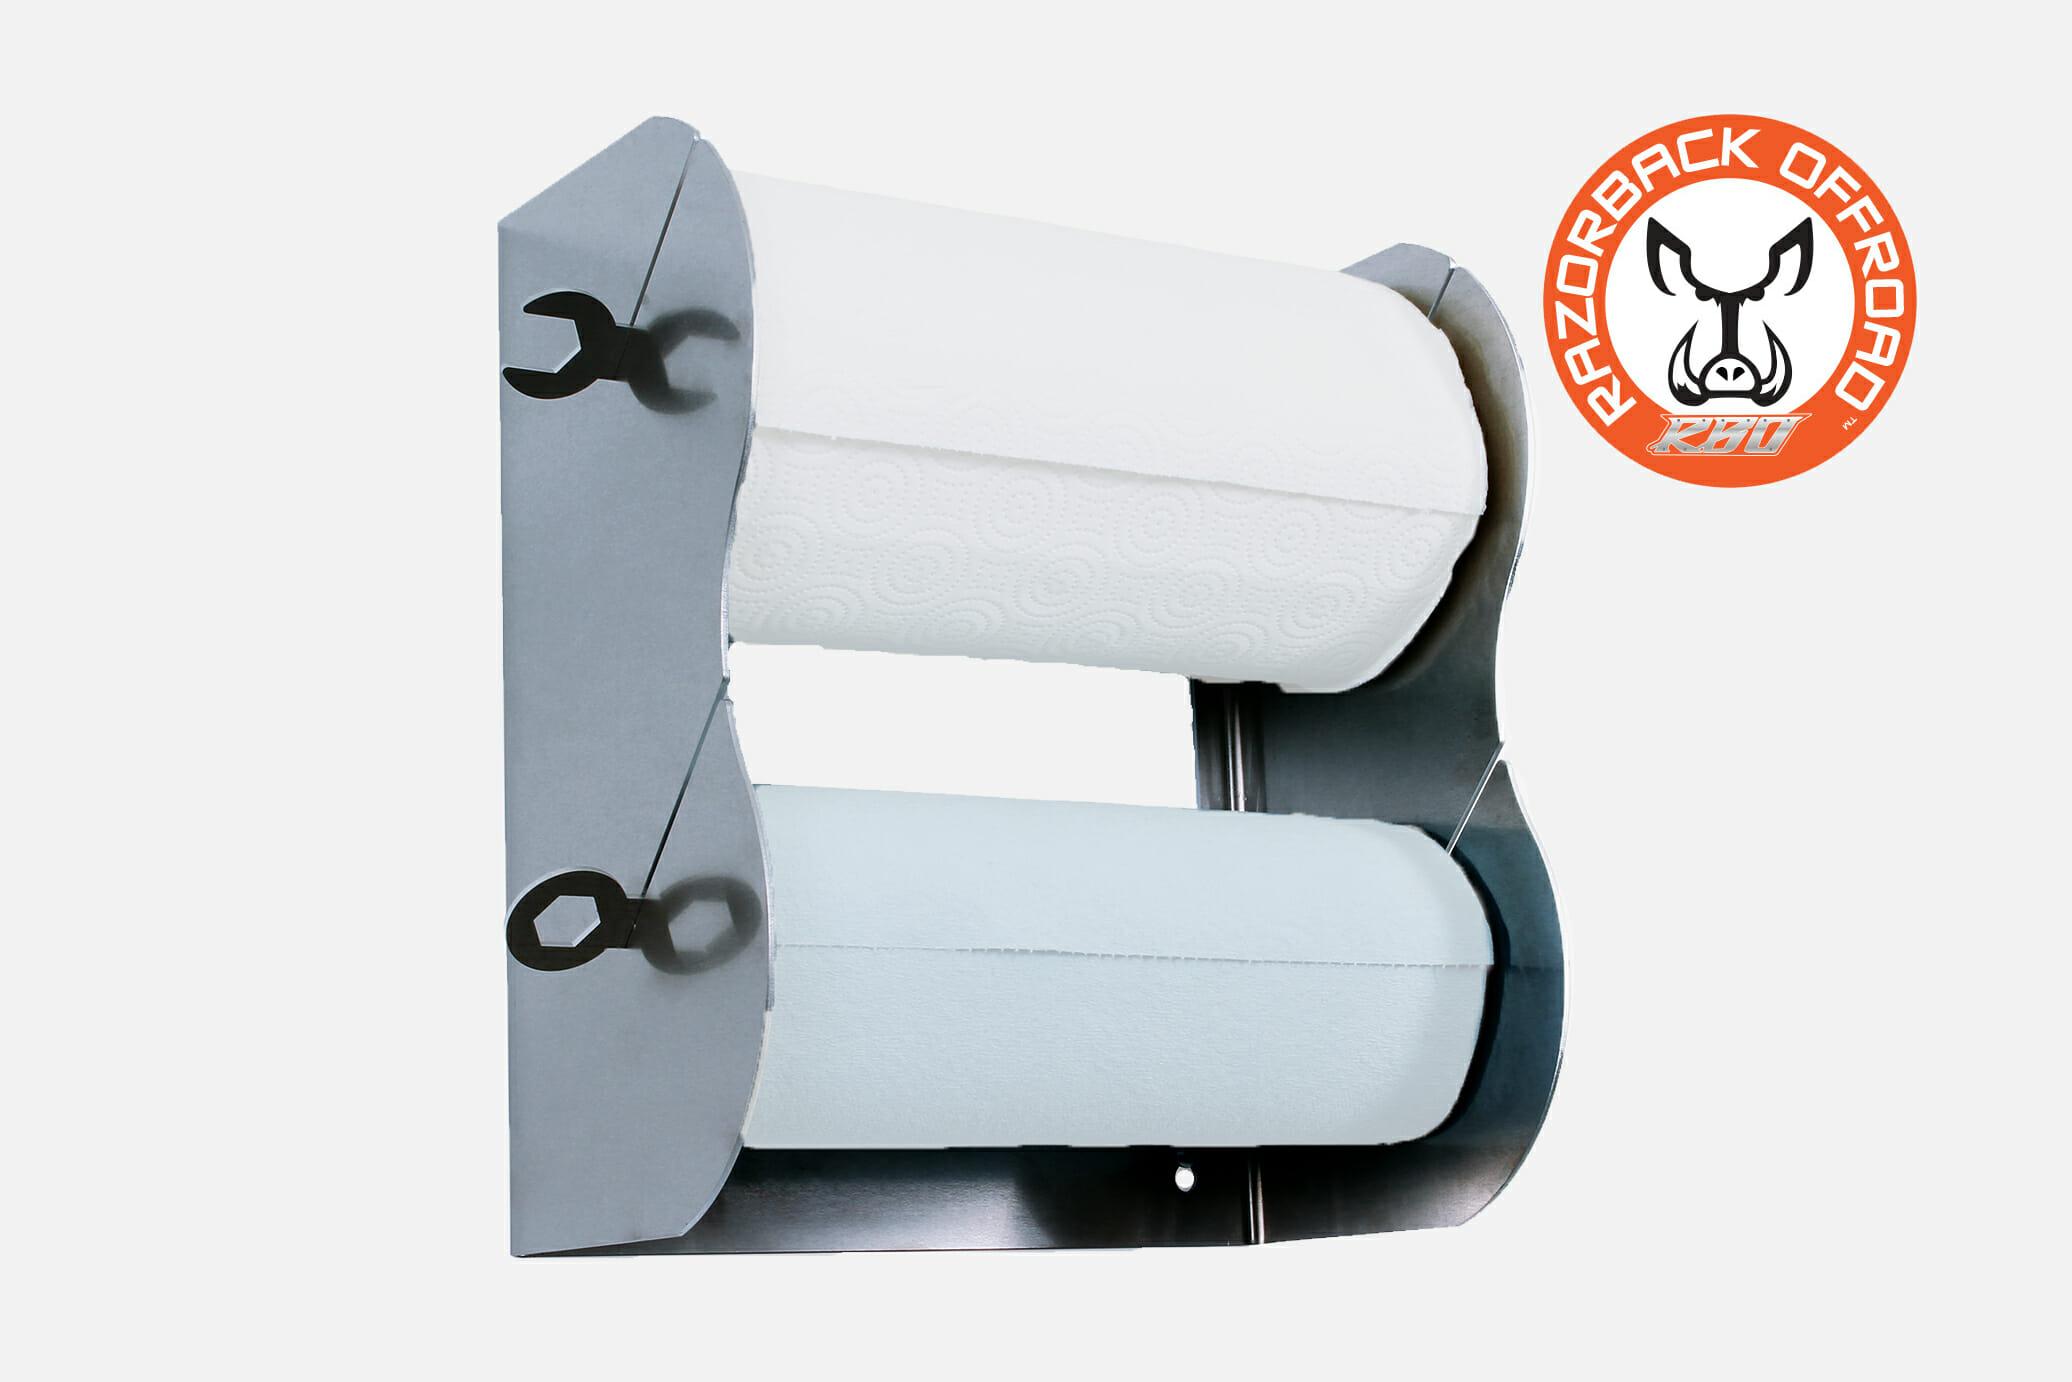 Fullsize Of Paper Towel Holders